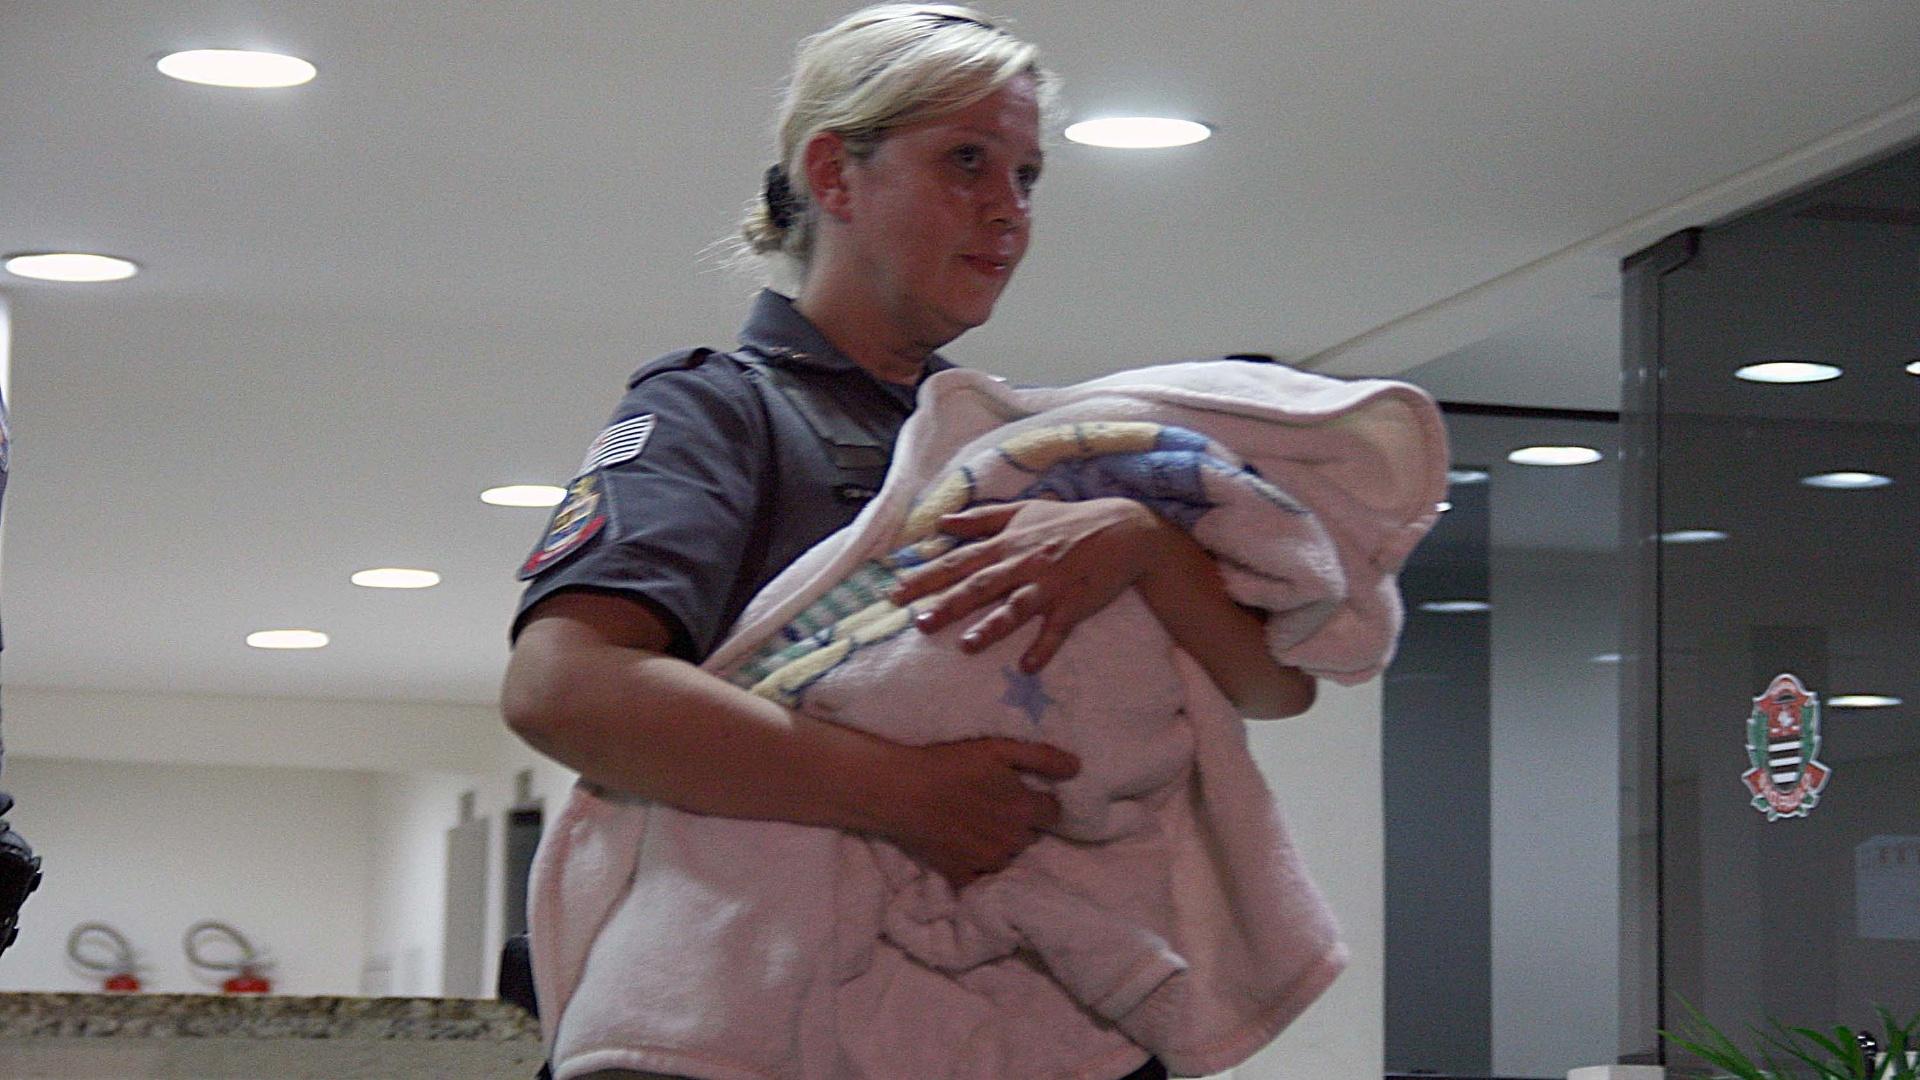 2.nov.2014 - Um casal de cubanos foi preso após assaltarem um taxista na noite de sábado (1º) em São Paulo, carregando a filha, um bebê de cinco meses. Os dois pegarem o táxi na saída do aeroporto de Guarulhos, na Grande São Paulo. Armados com uma pistola, eles anunciaram o assalto. O casal fugiu mas foi localizado pela polícia na avenida Guarapiranga, região do Socorro. Na casa dos cubanos, no Jardim São Luís, havia cartões e passaportes falsos, além de máquinas de clonagem de documentos